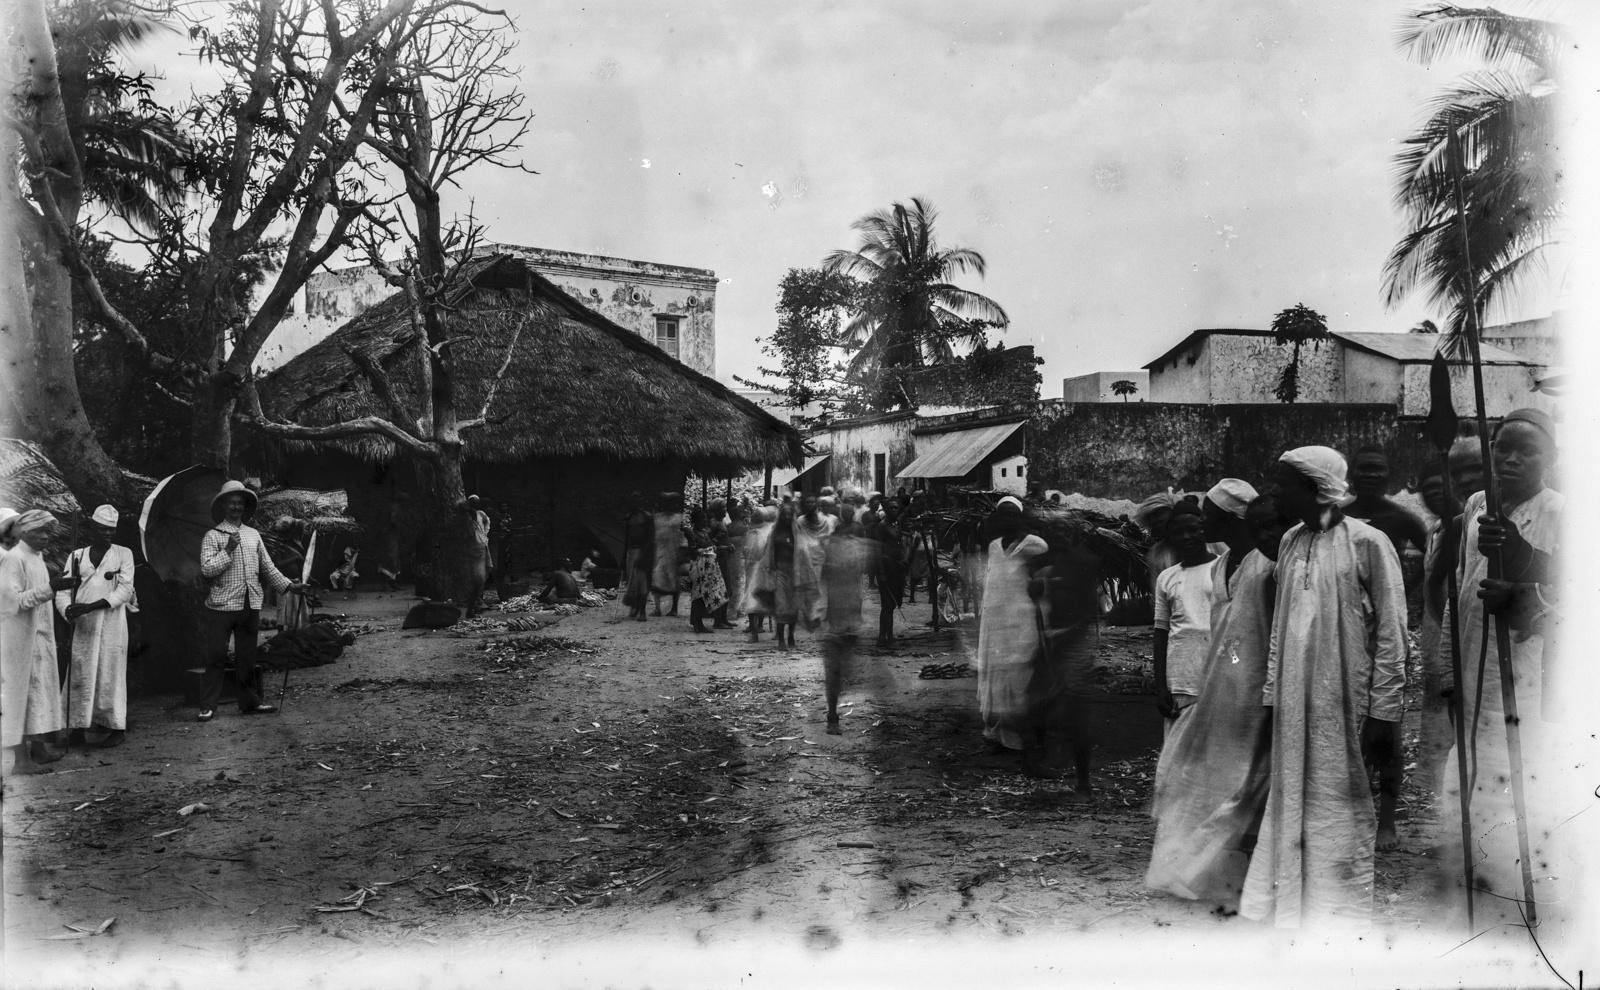 343. Уличная сцена в Багамойо